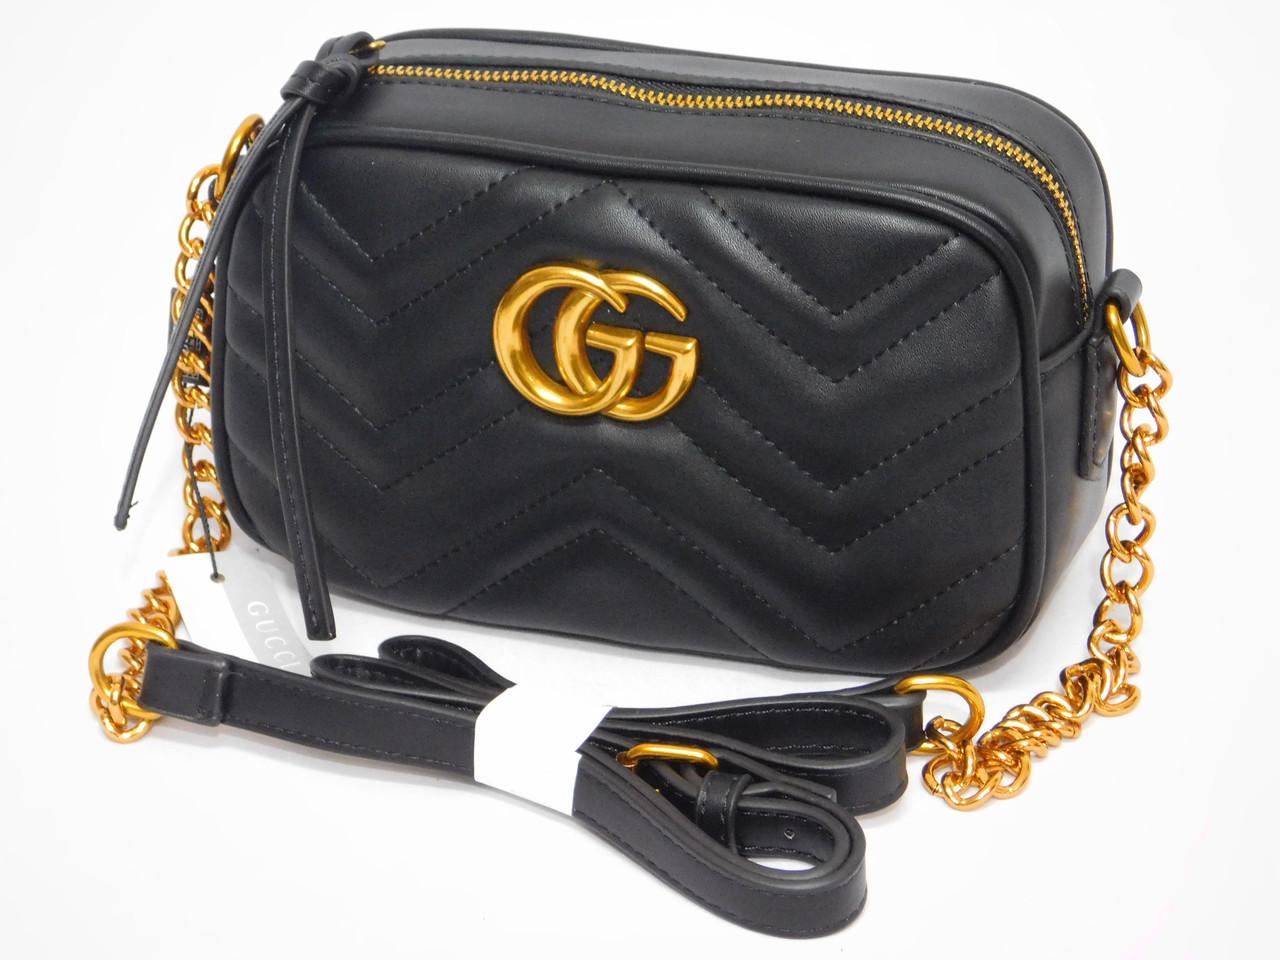 Чорна м'яка жіноча міні сумочка клатч через плече